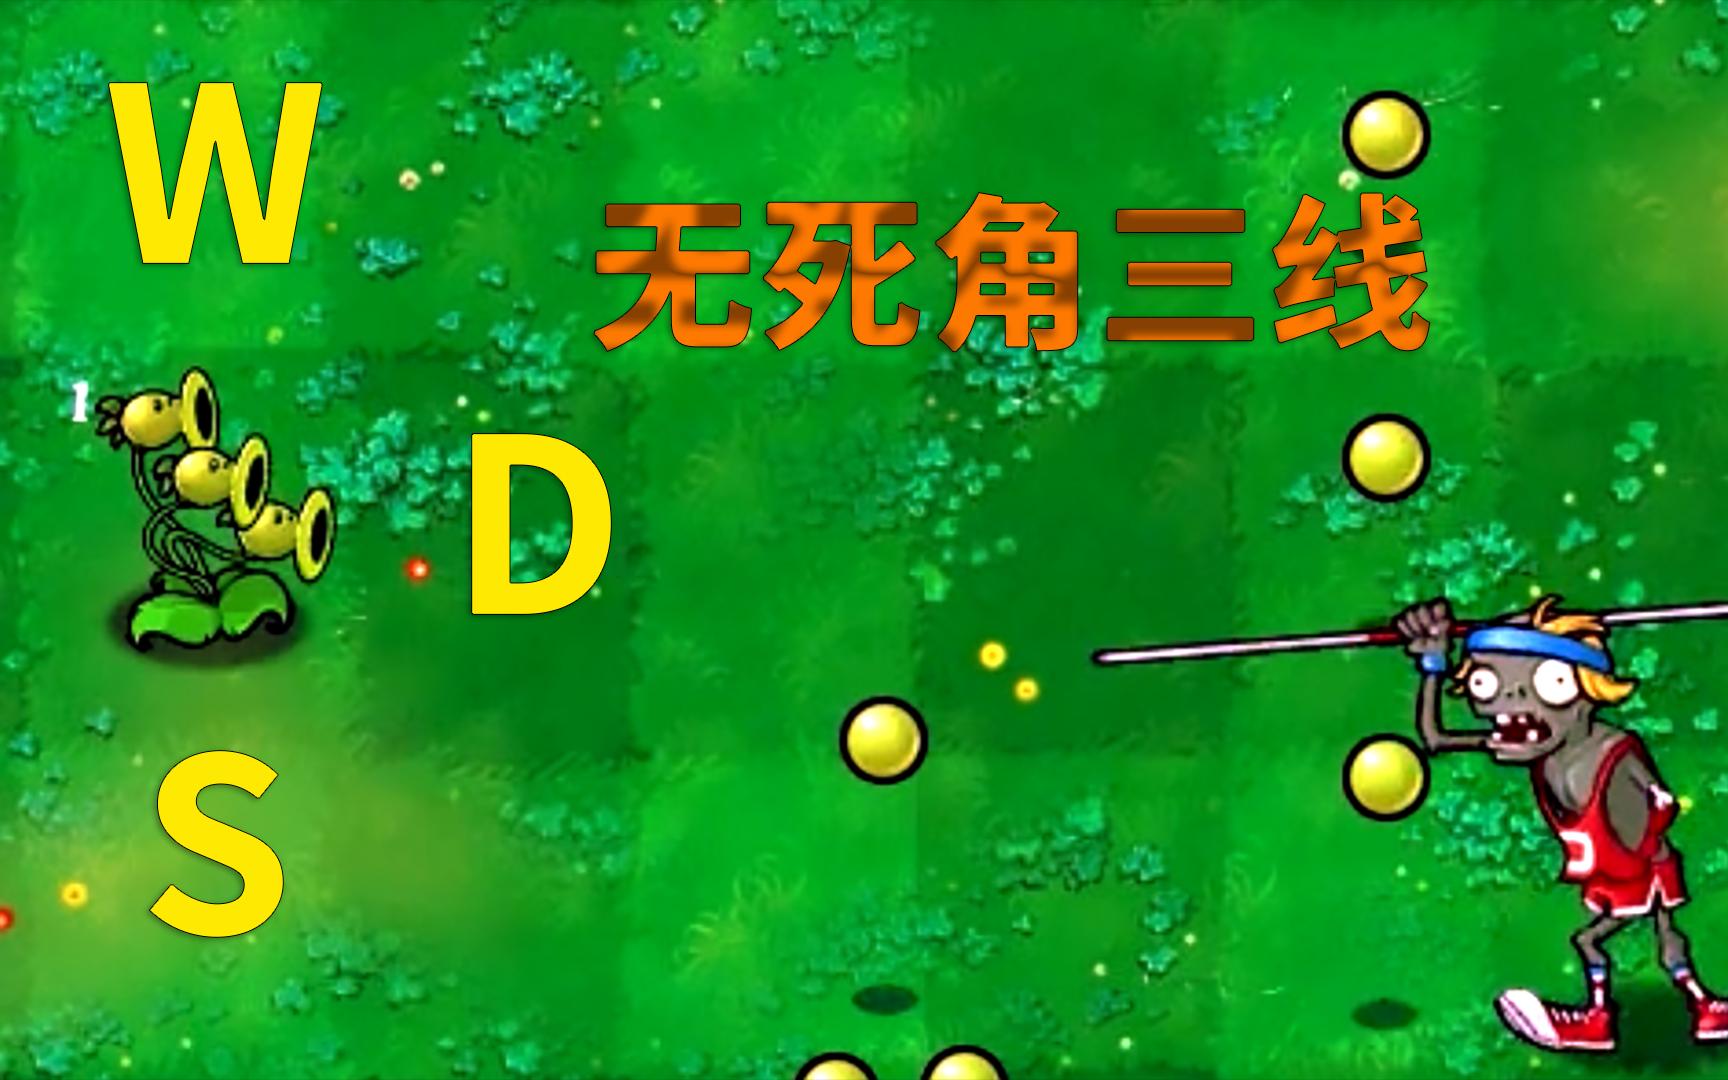 植物大战僵尸:只有一个三线射手,怎么防御三波僵尸?